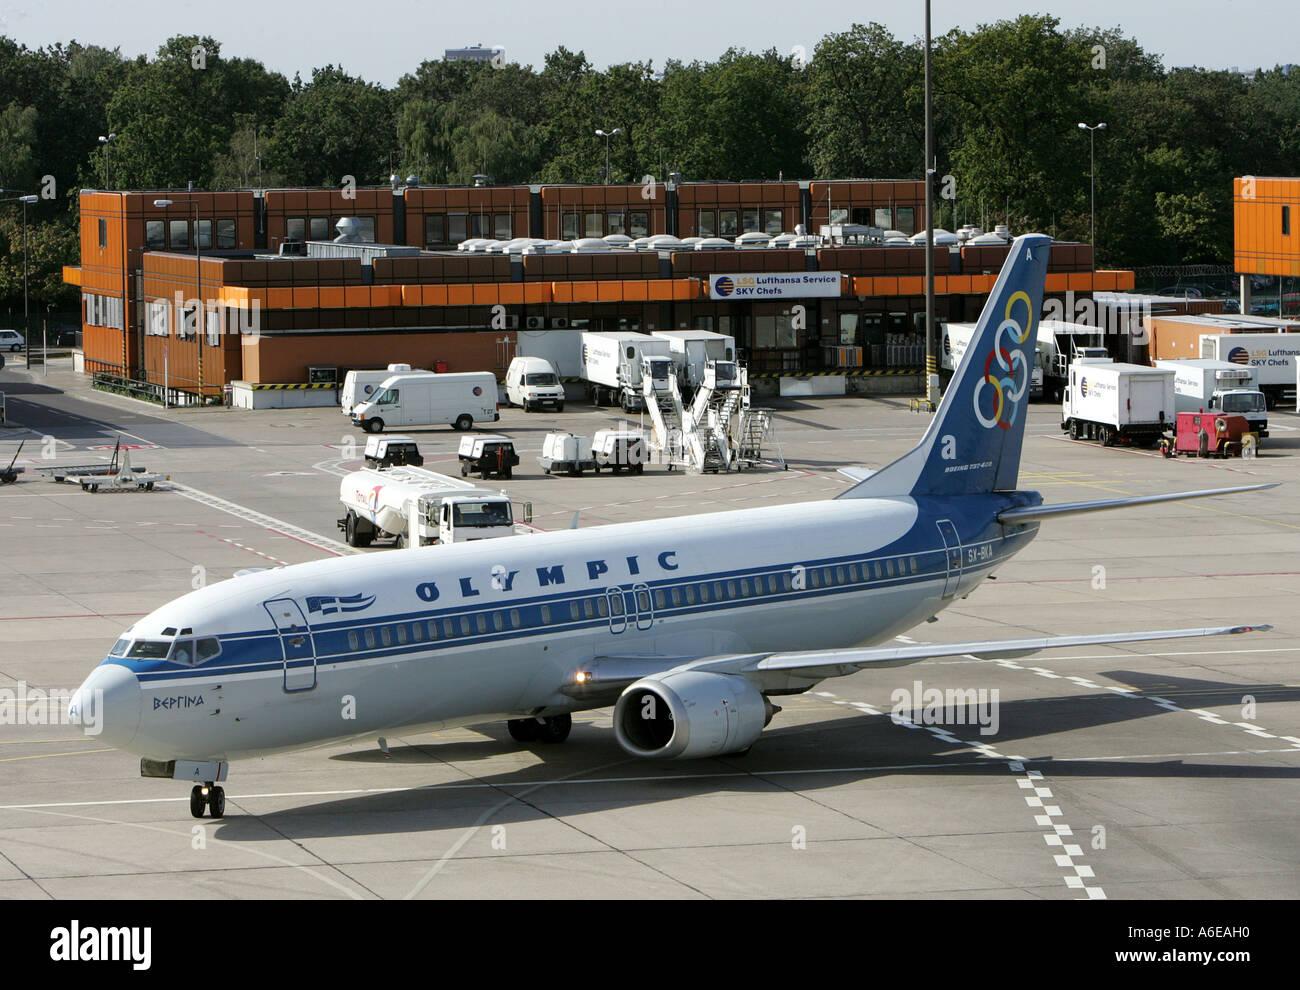 Greek Olympic Airways airplane at Tegel airport, Berlin - Stock Image